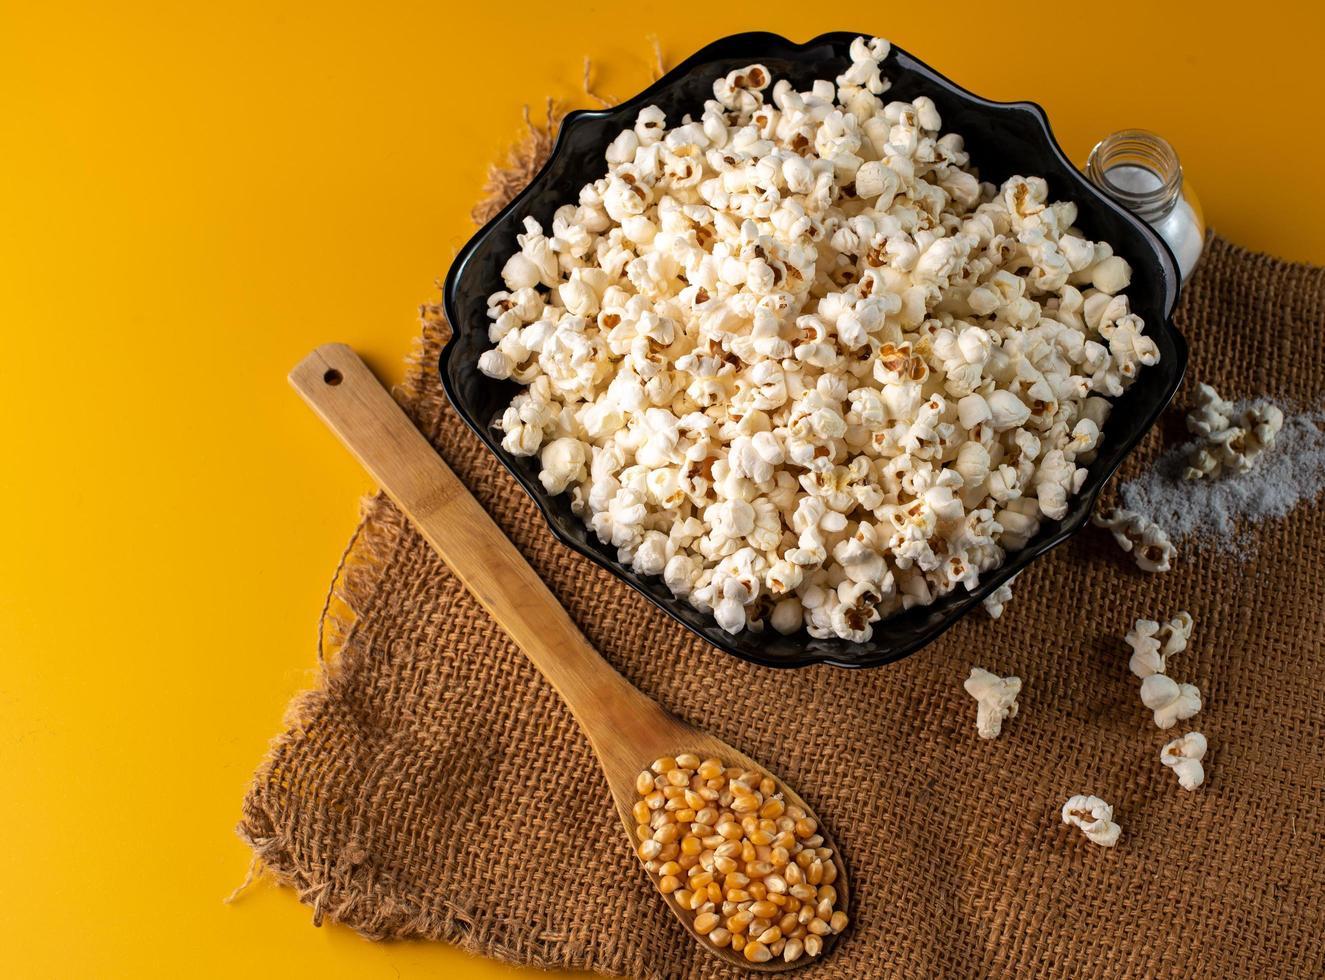 ciotola di popcorn su sfondo giallo foto